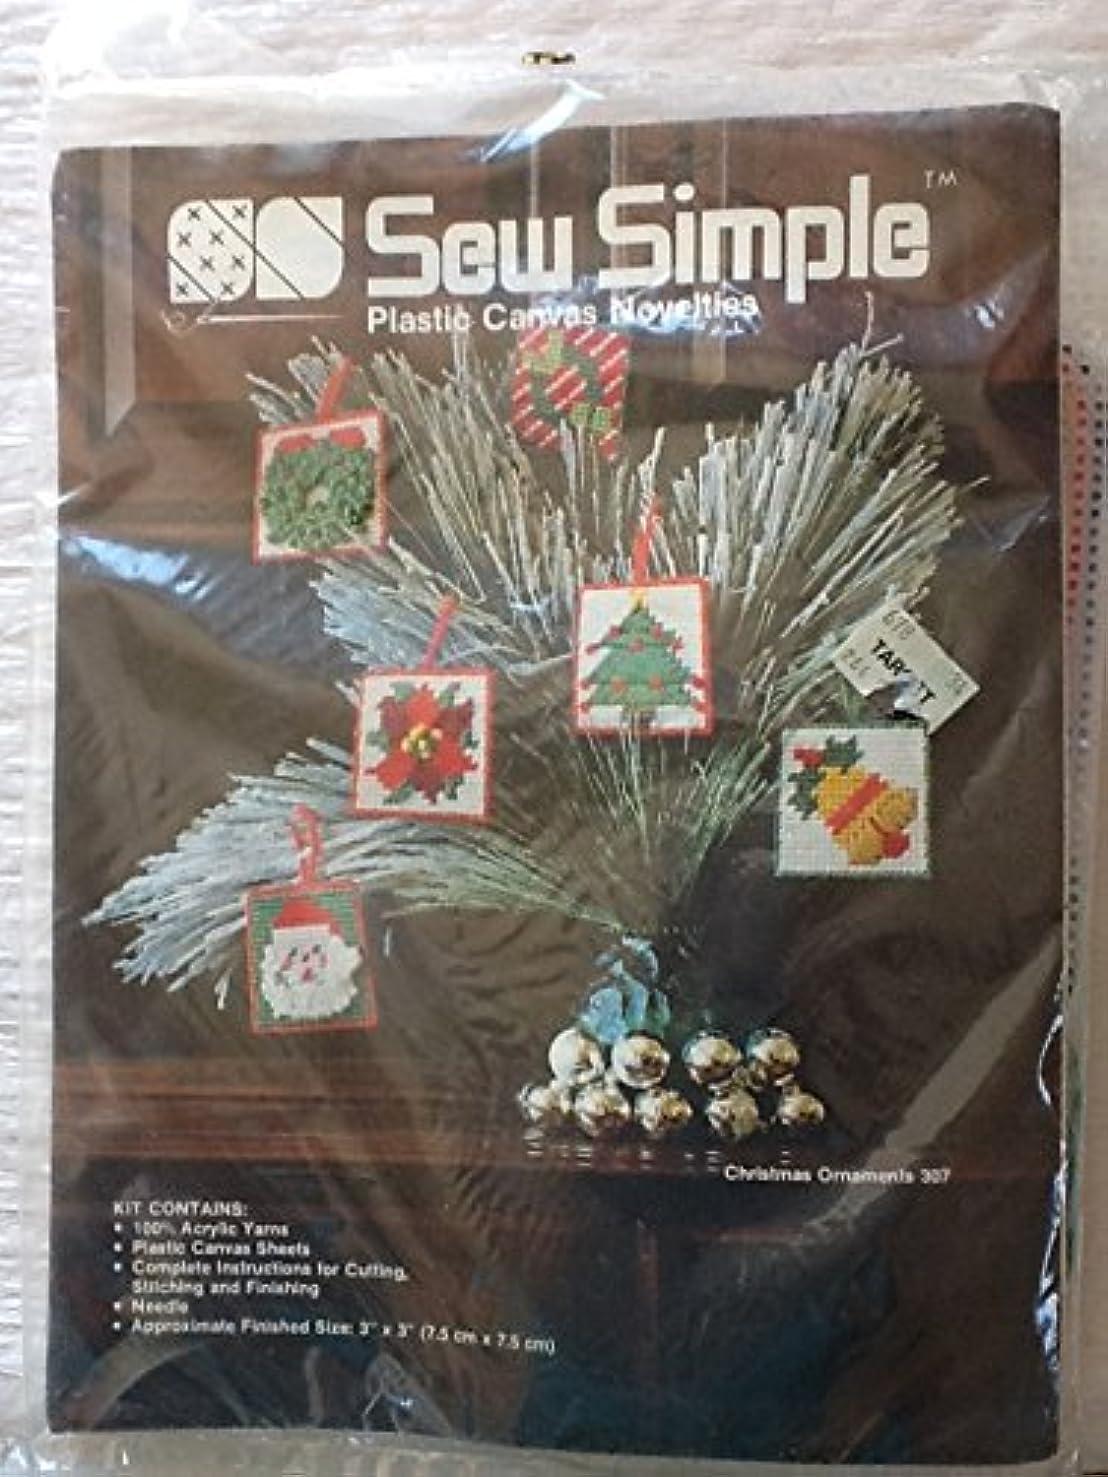 Christmas Ornaments - Sew Simple Plastic Canvas Novelties Kit #307